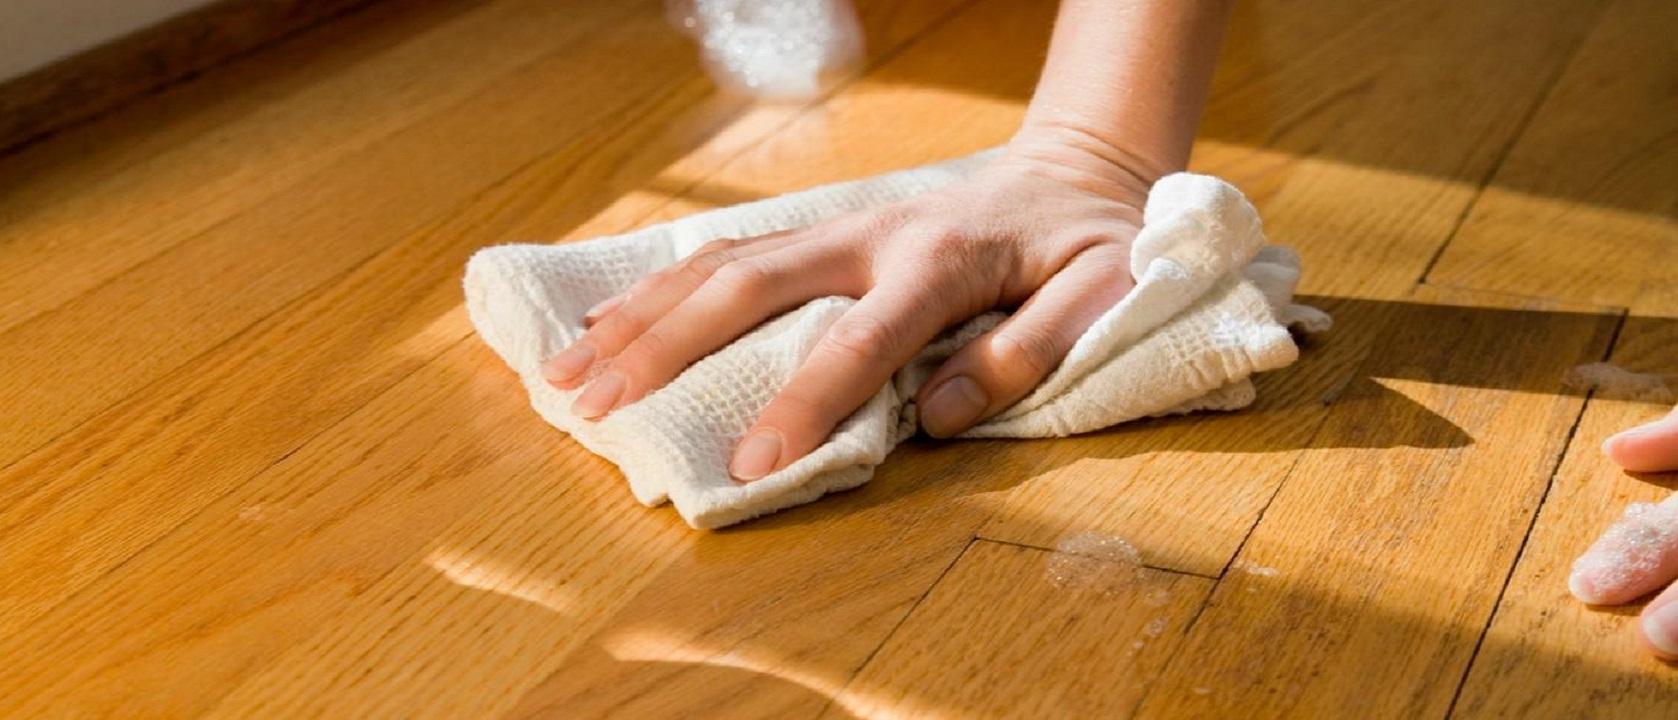 Чем почистить светлый ковер в домашних условиях на полу